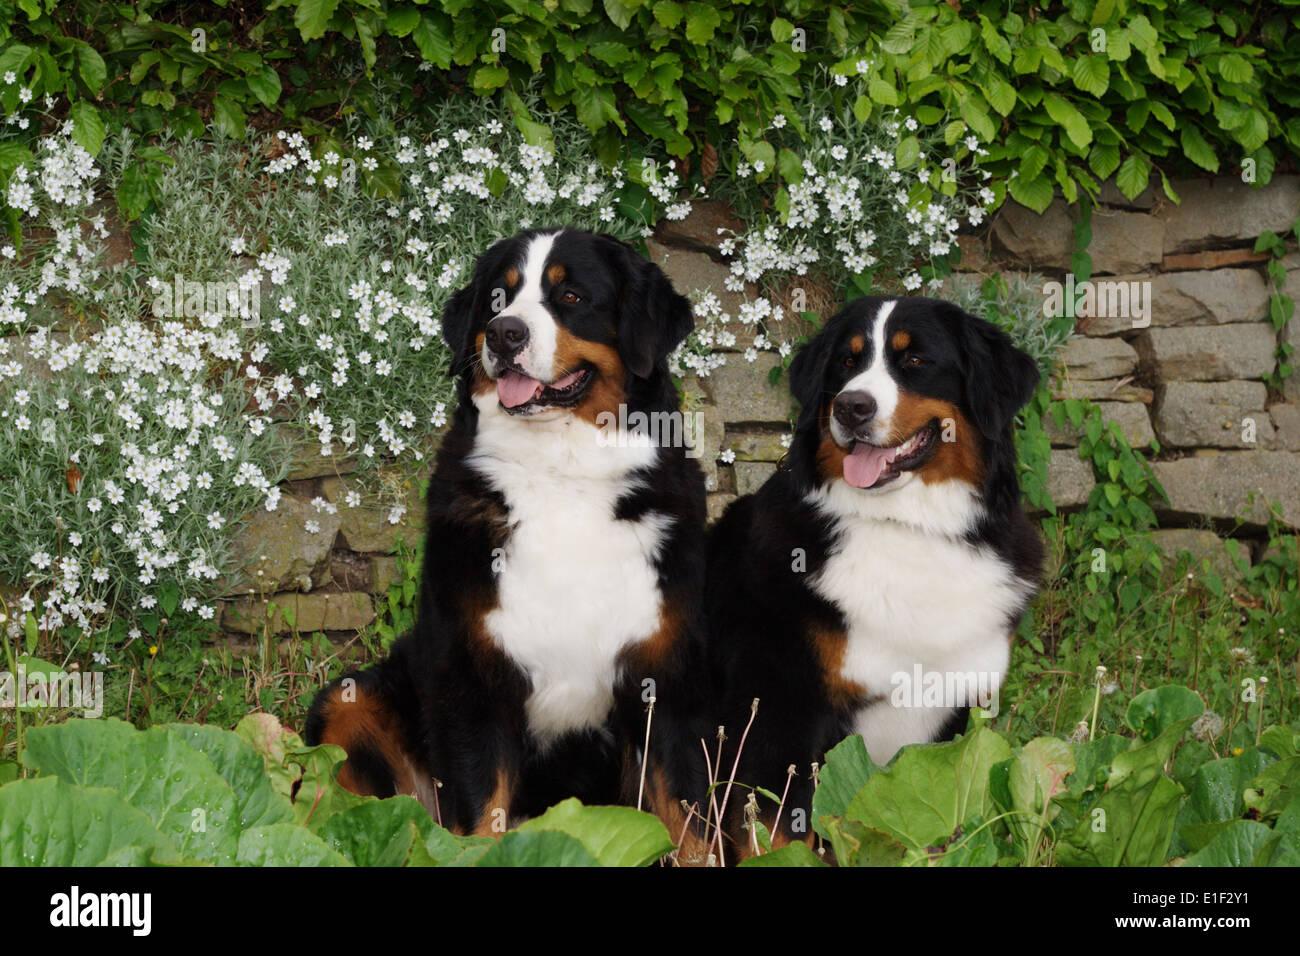 Zwei Berner Sennenhunde sitzen im Garten vor einer einer Mauer mit weißen Blumen - Stock Image